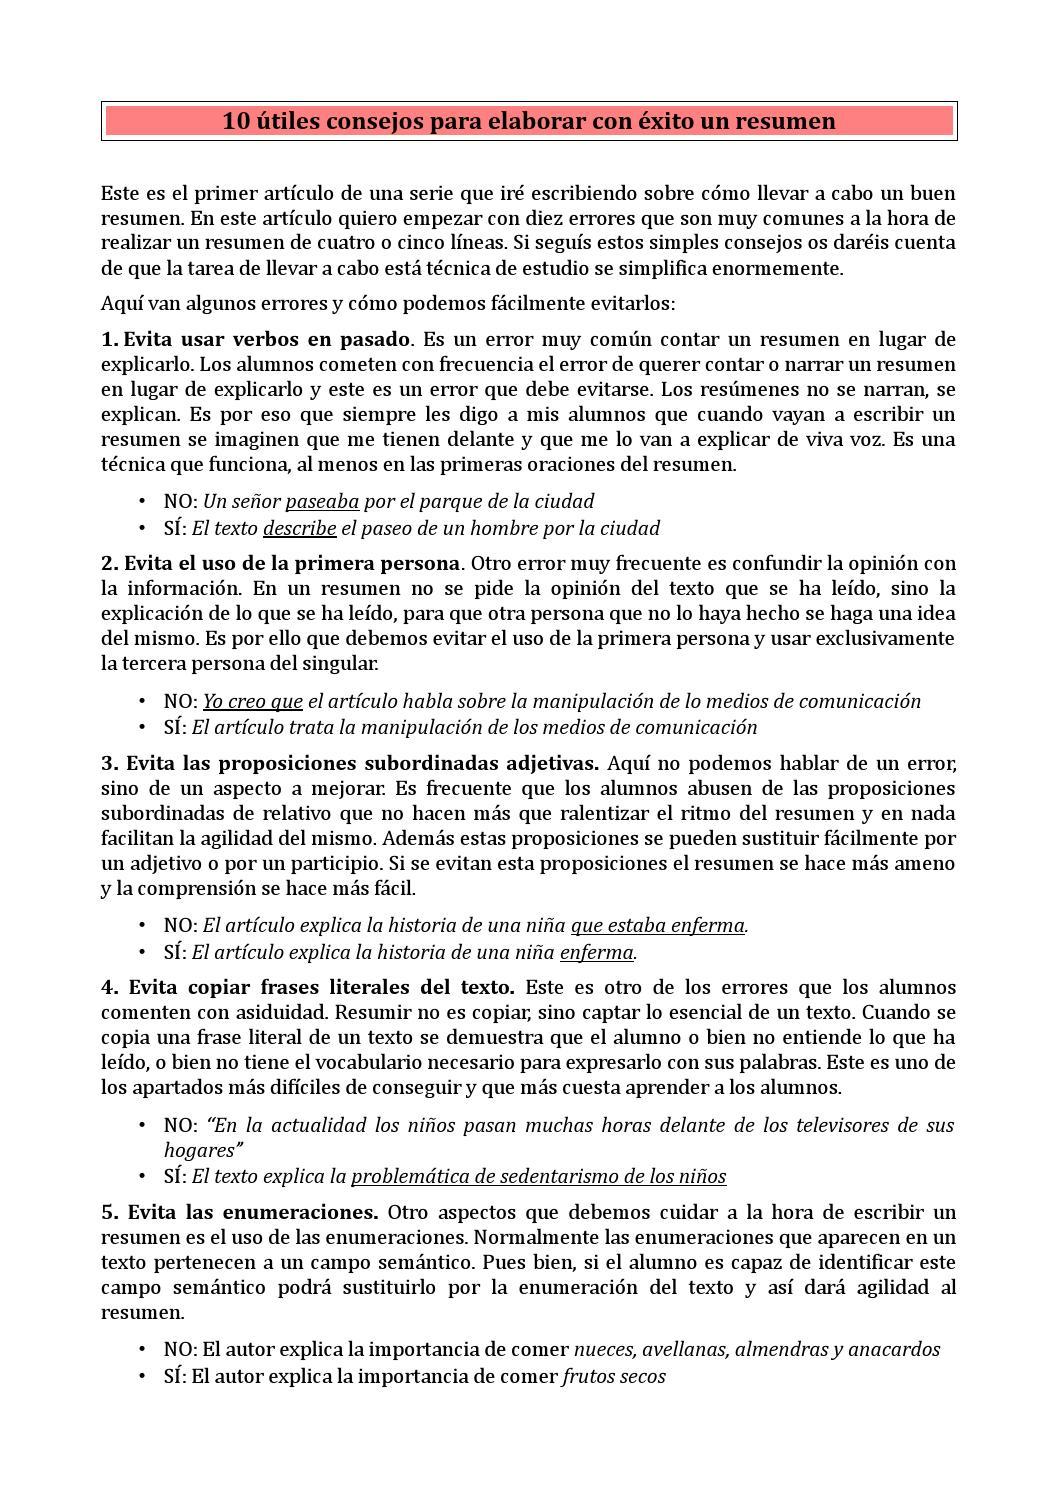 Consejos para el resumen(1) by Martagil - issuu